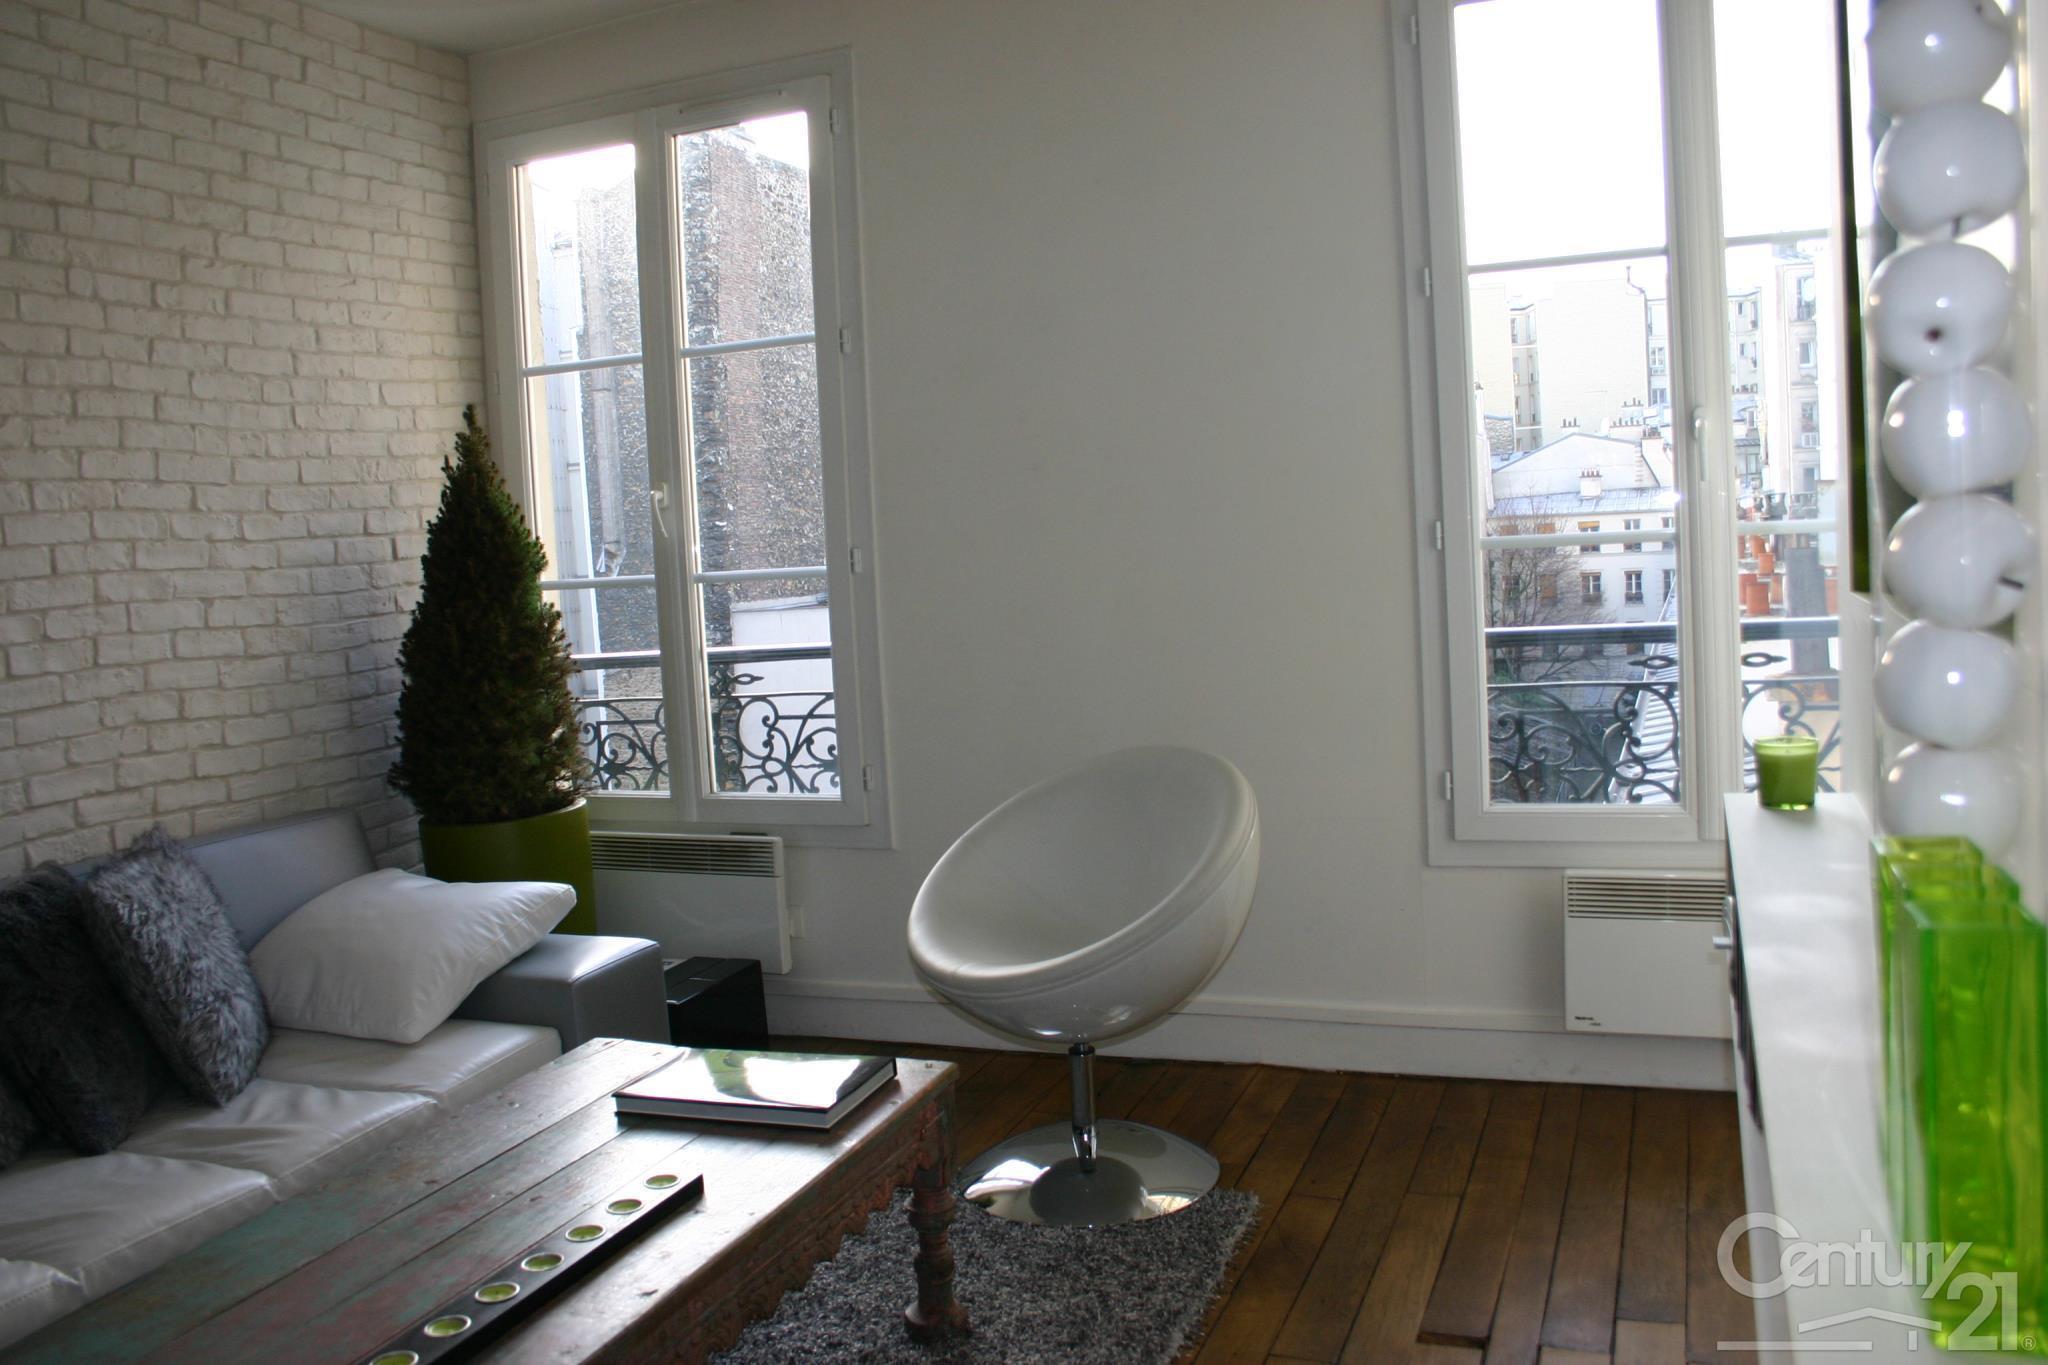 Annonce location appartement paris 9 37 m 1 212 for Annonce location appartement